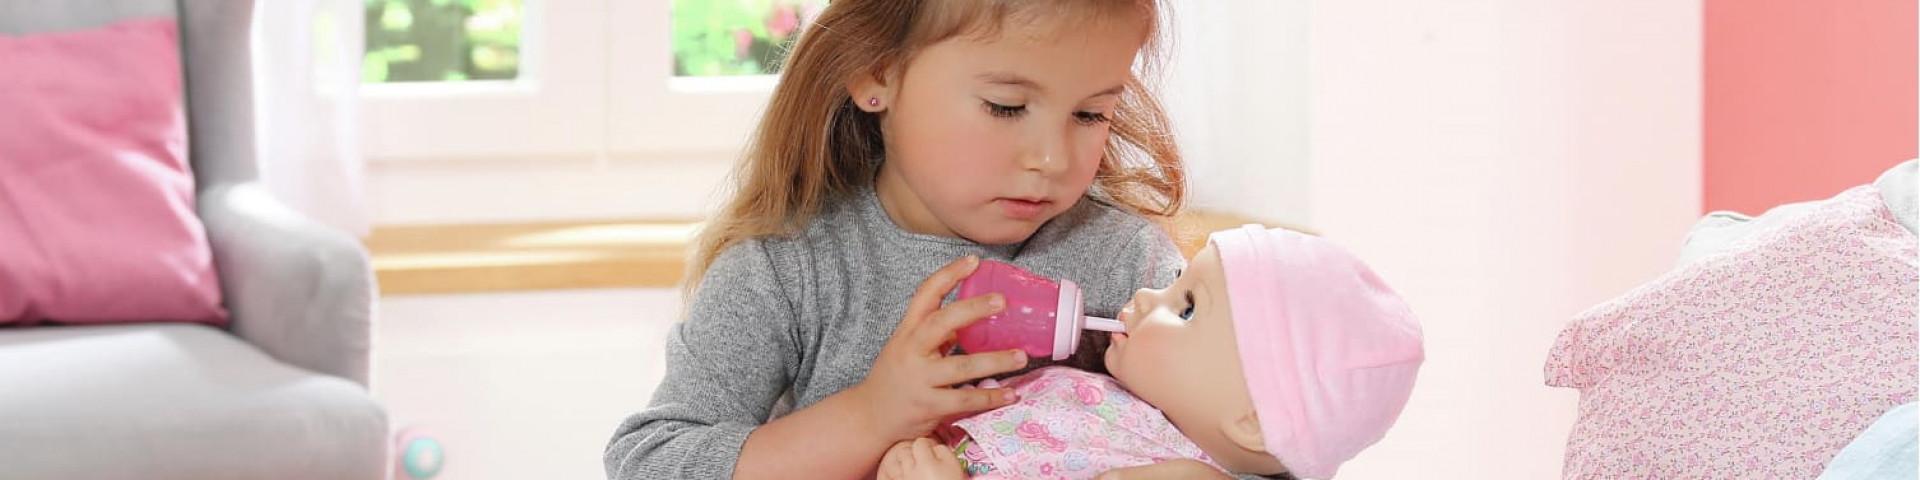 Достойная альтернатива барби: рейтинг лучших игрушек для девочек 2021 года